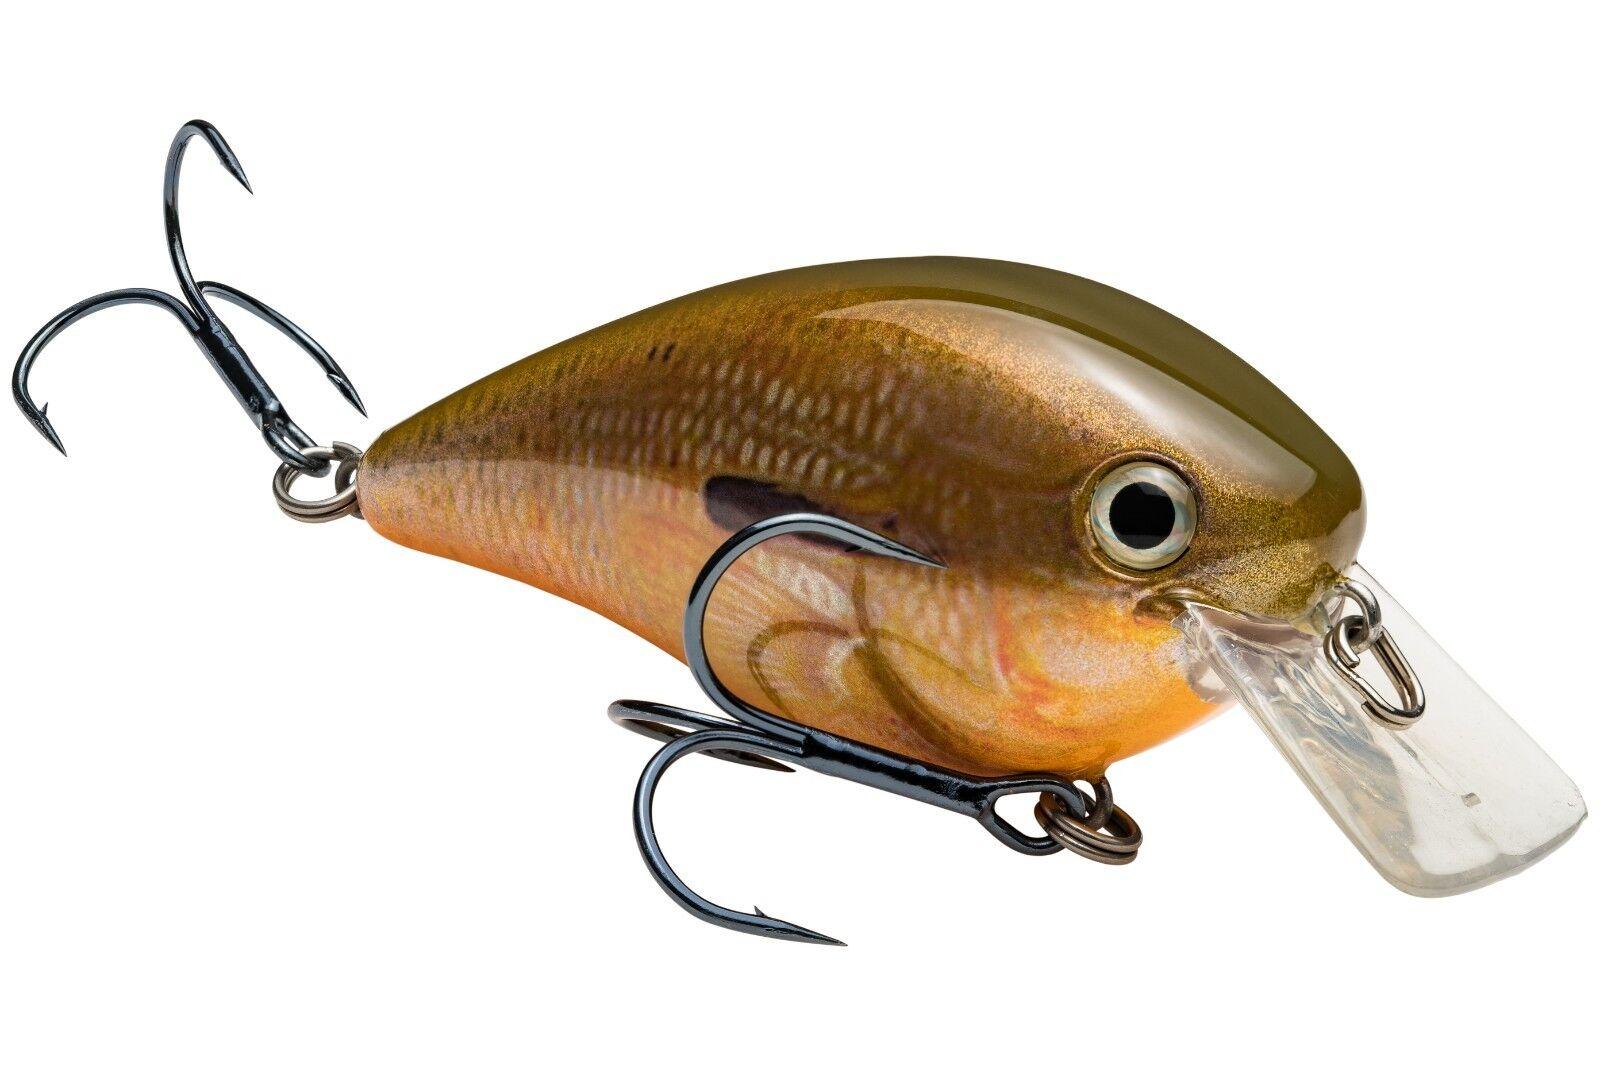 """Strike King Lures HCKVDS2.5-697 Kvd Square Bill 2.5/"""" Orange Bream Fishing Lure"""